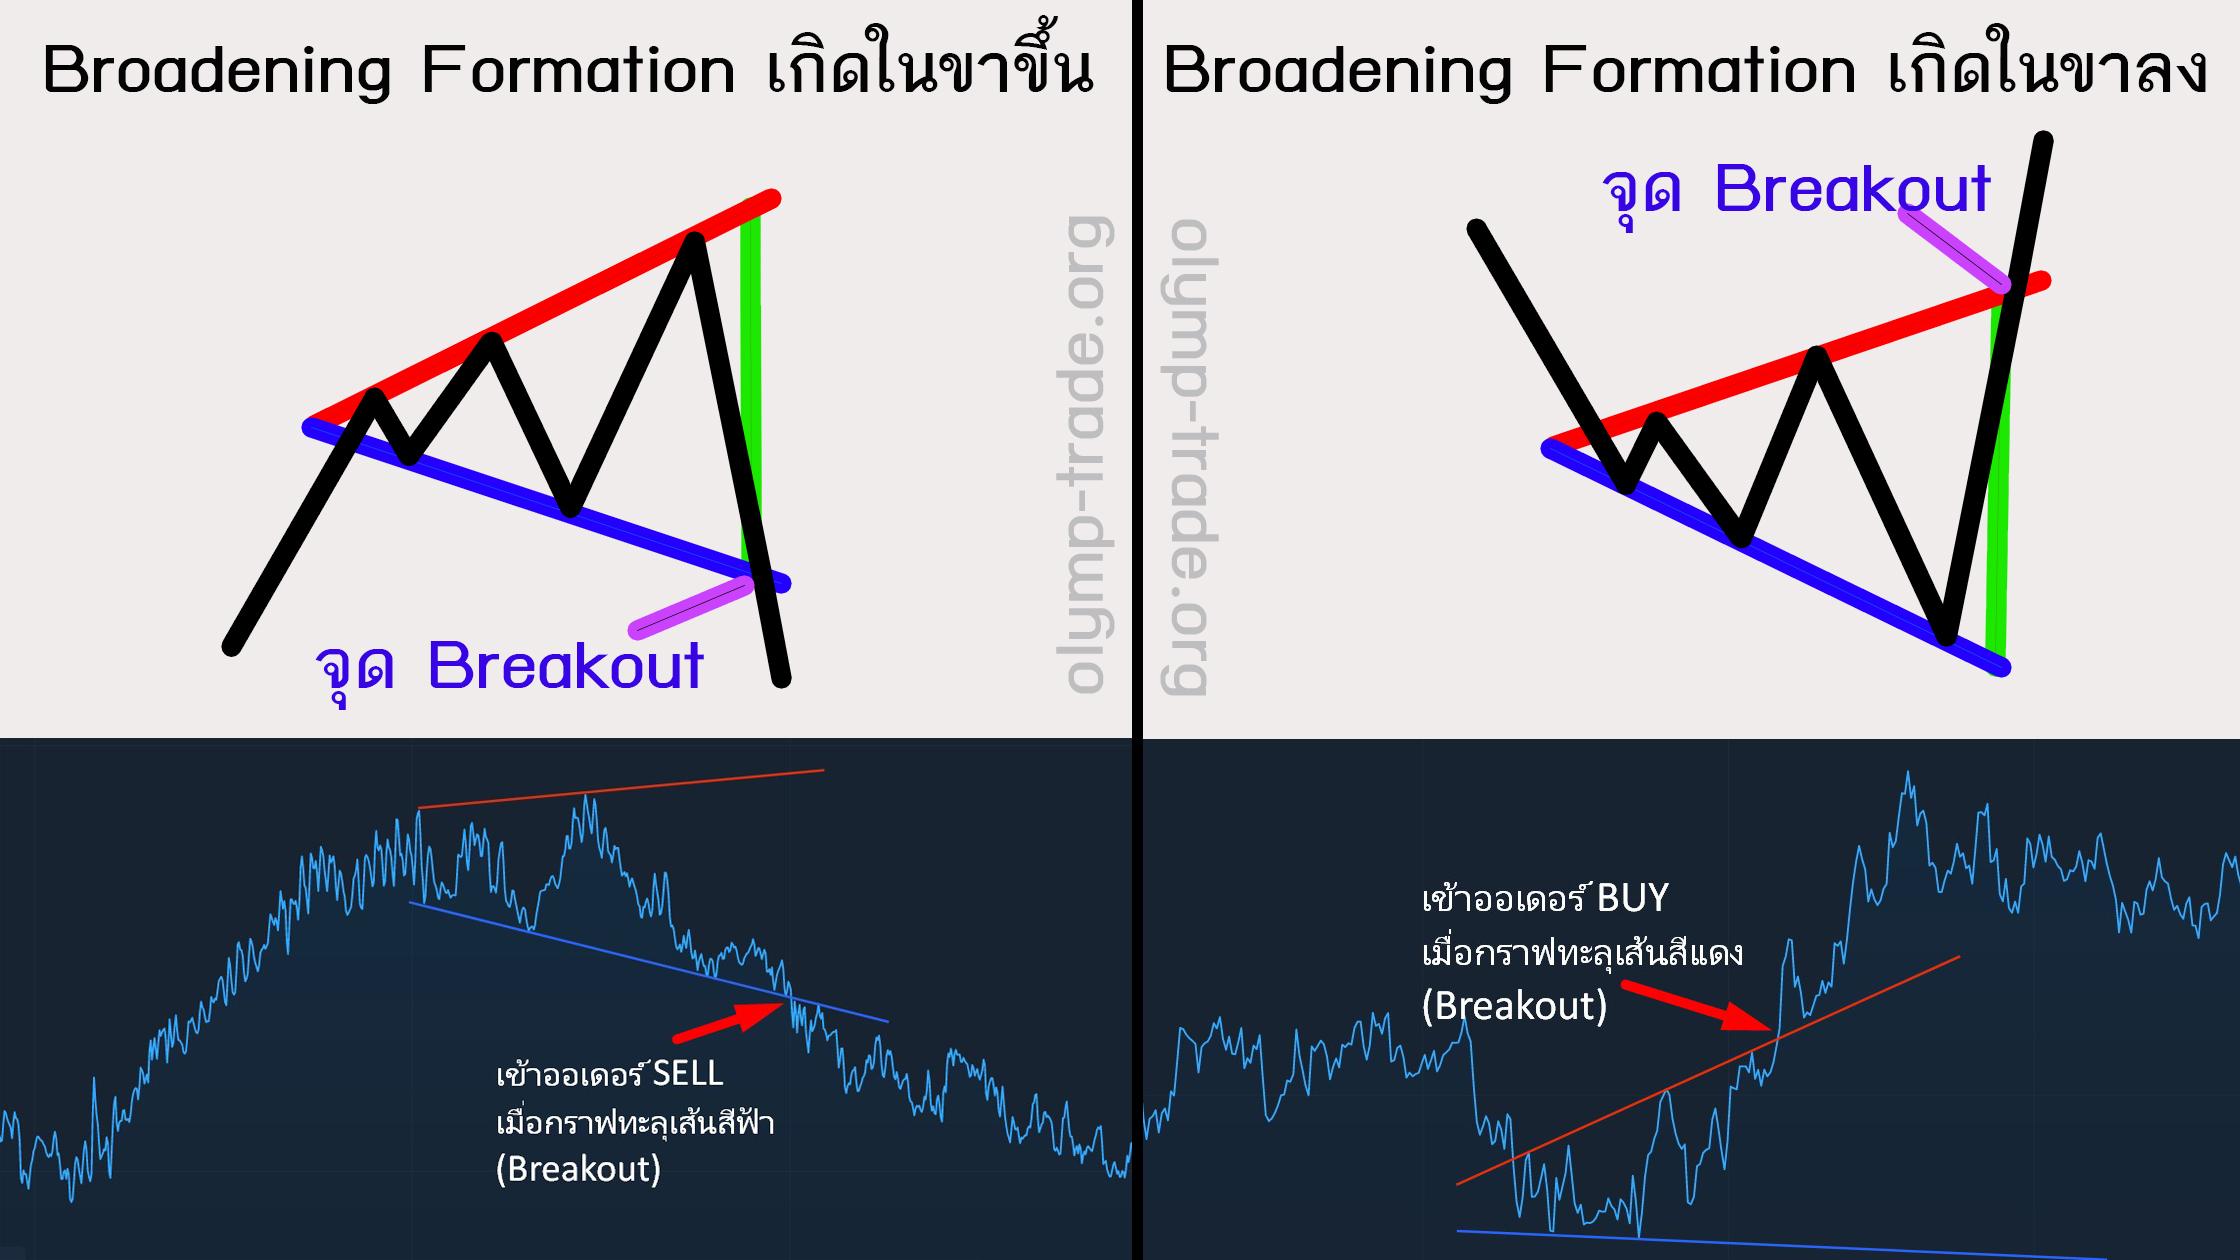 broadening-formation